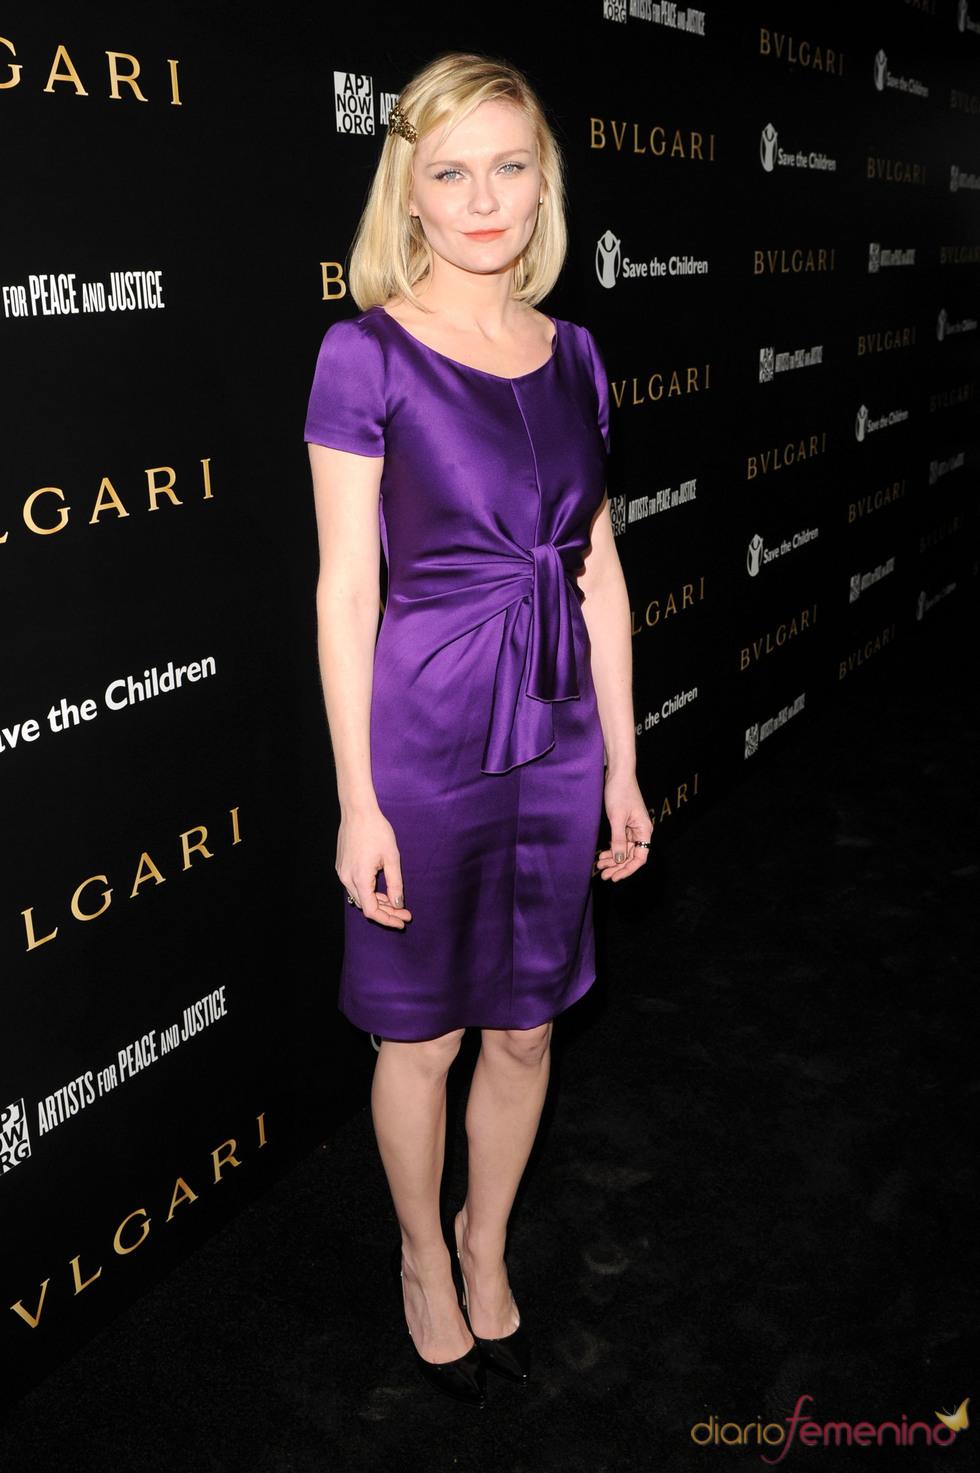 Kirsten Dunst en la gala benéfica de Bulgari